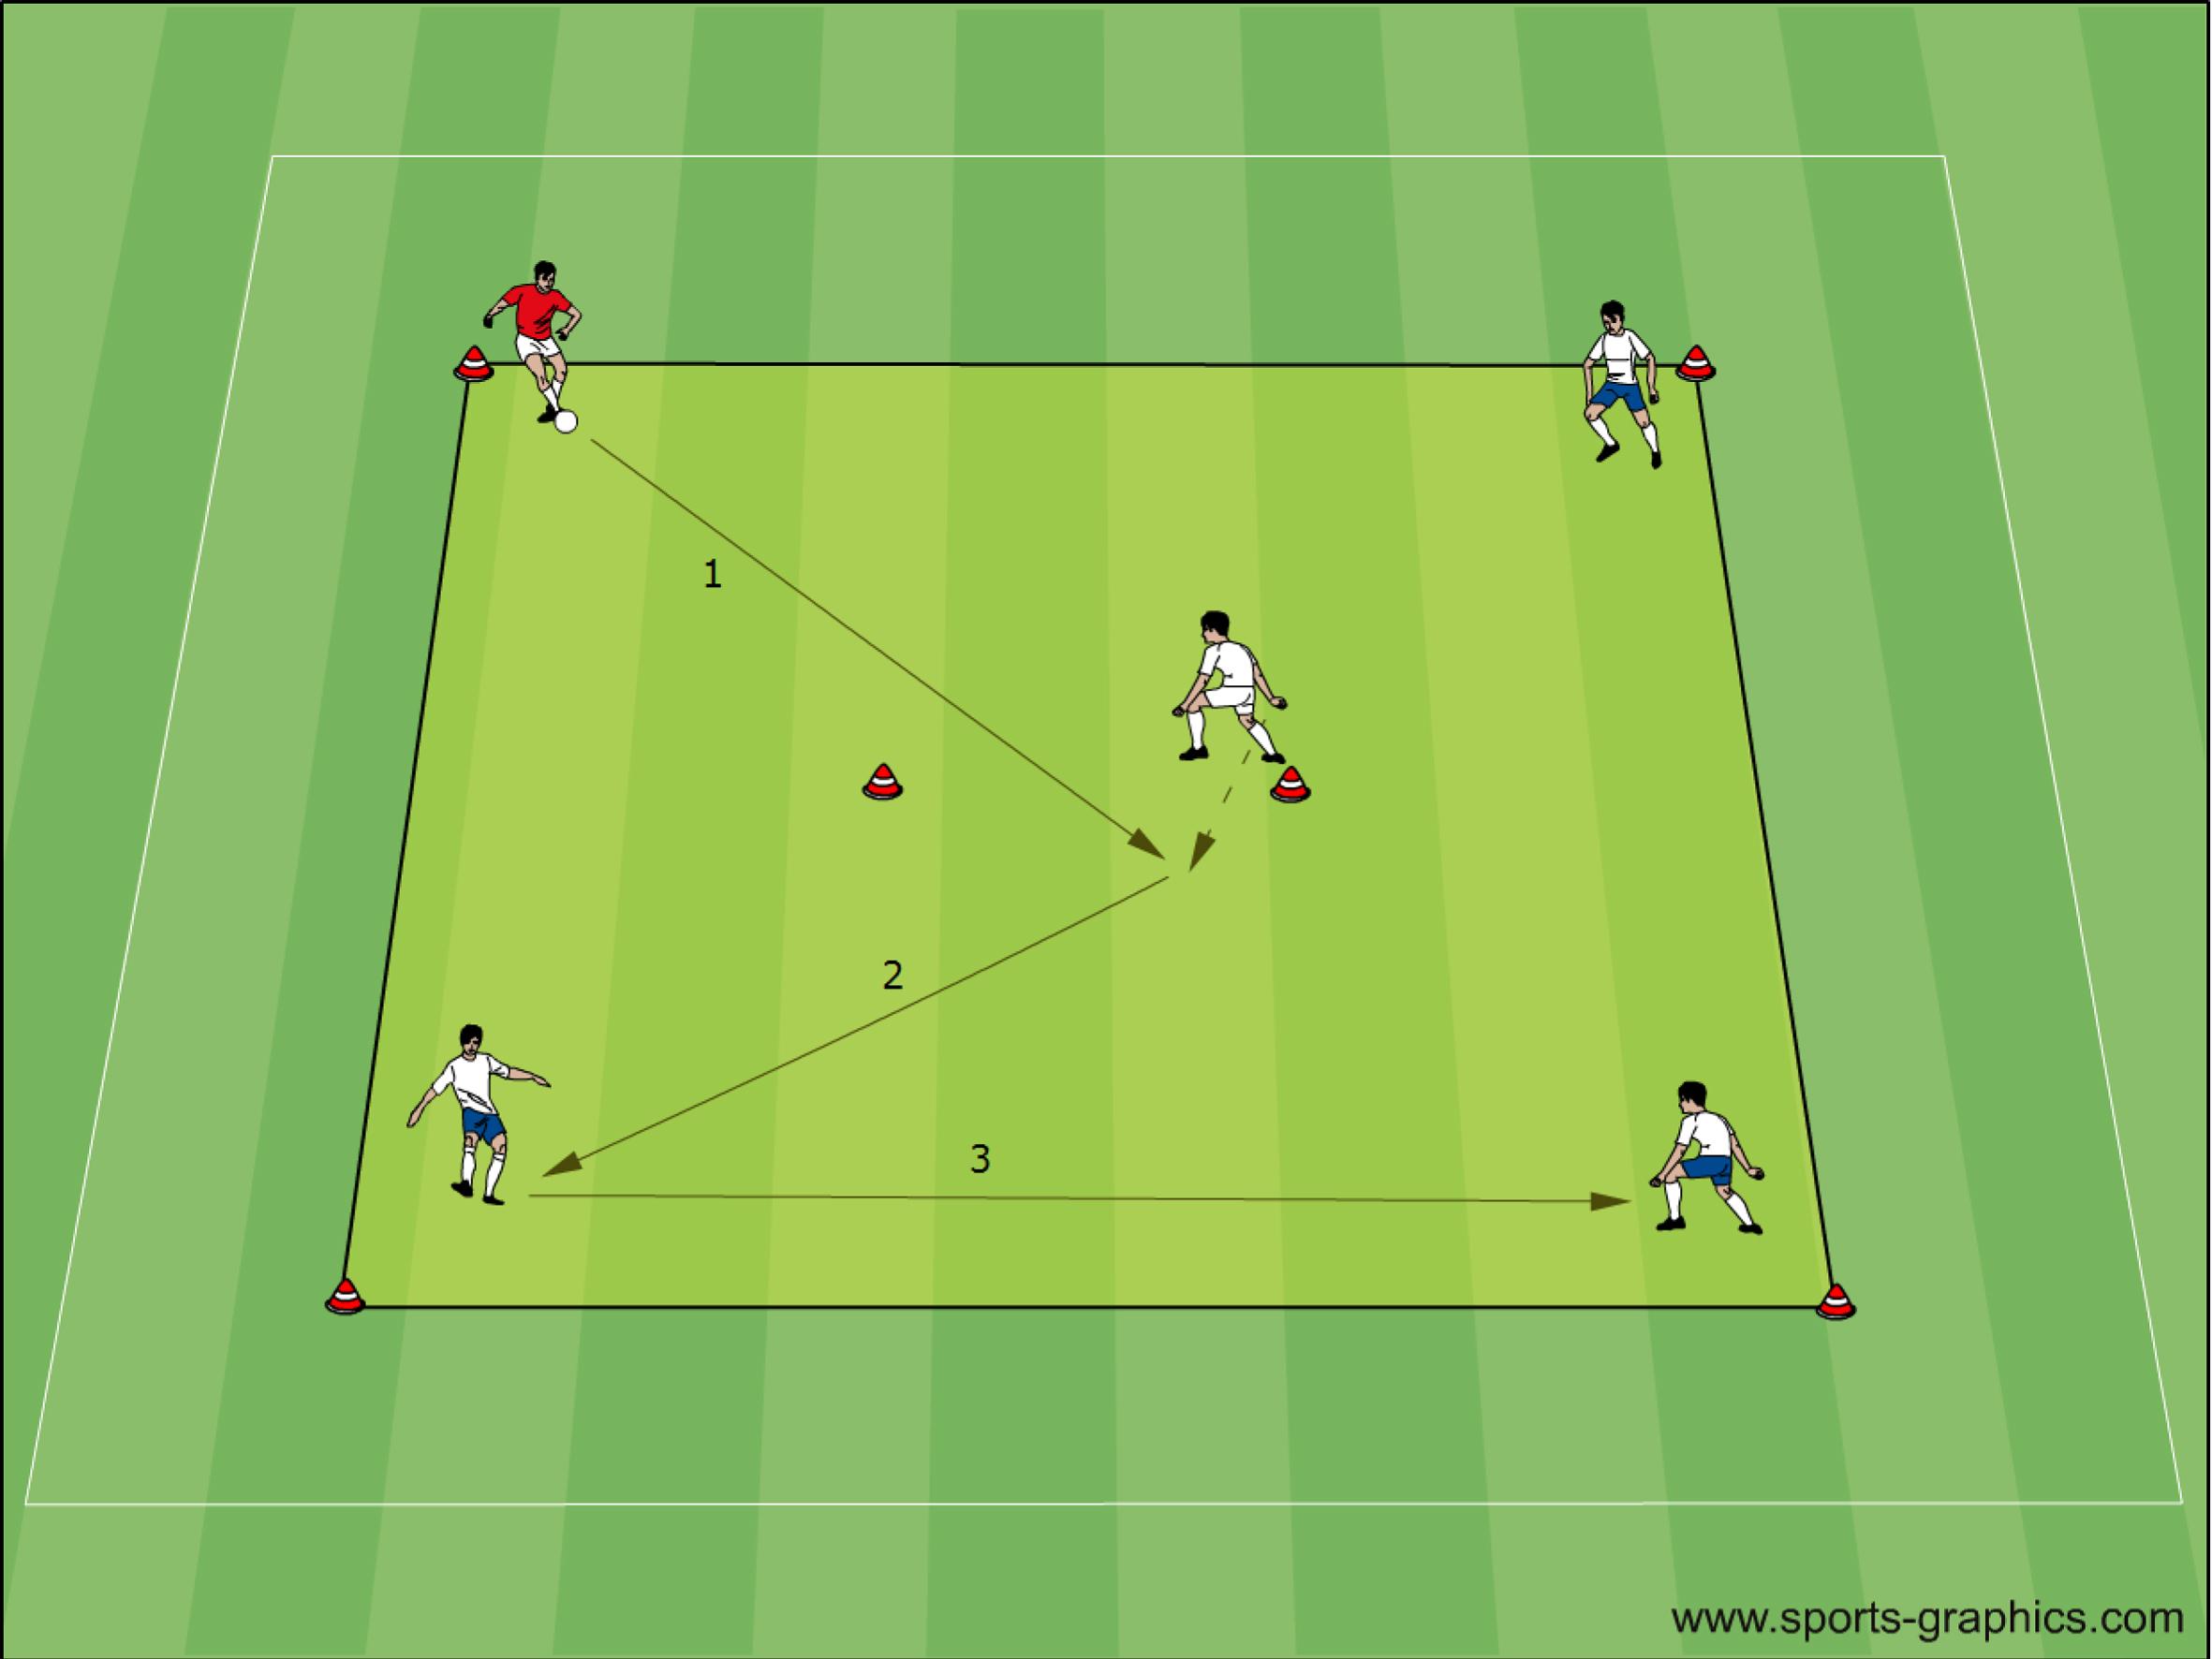 Fussball Ubungen Quadrat Mit Einem Spieler Im Zentrum